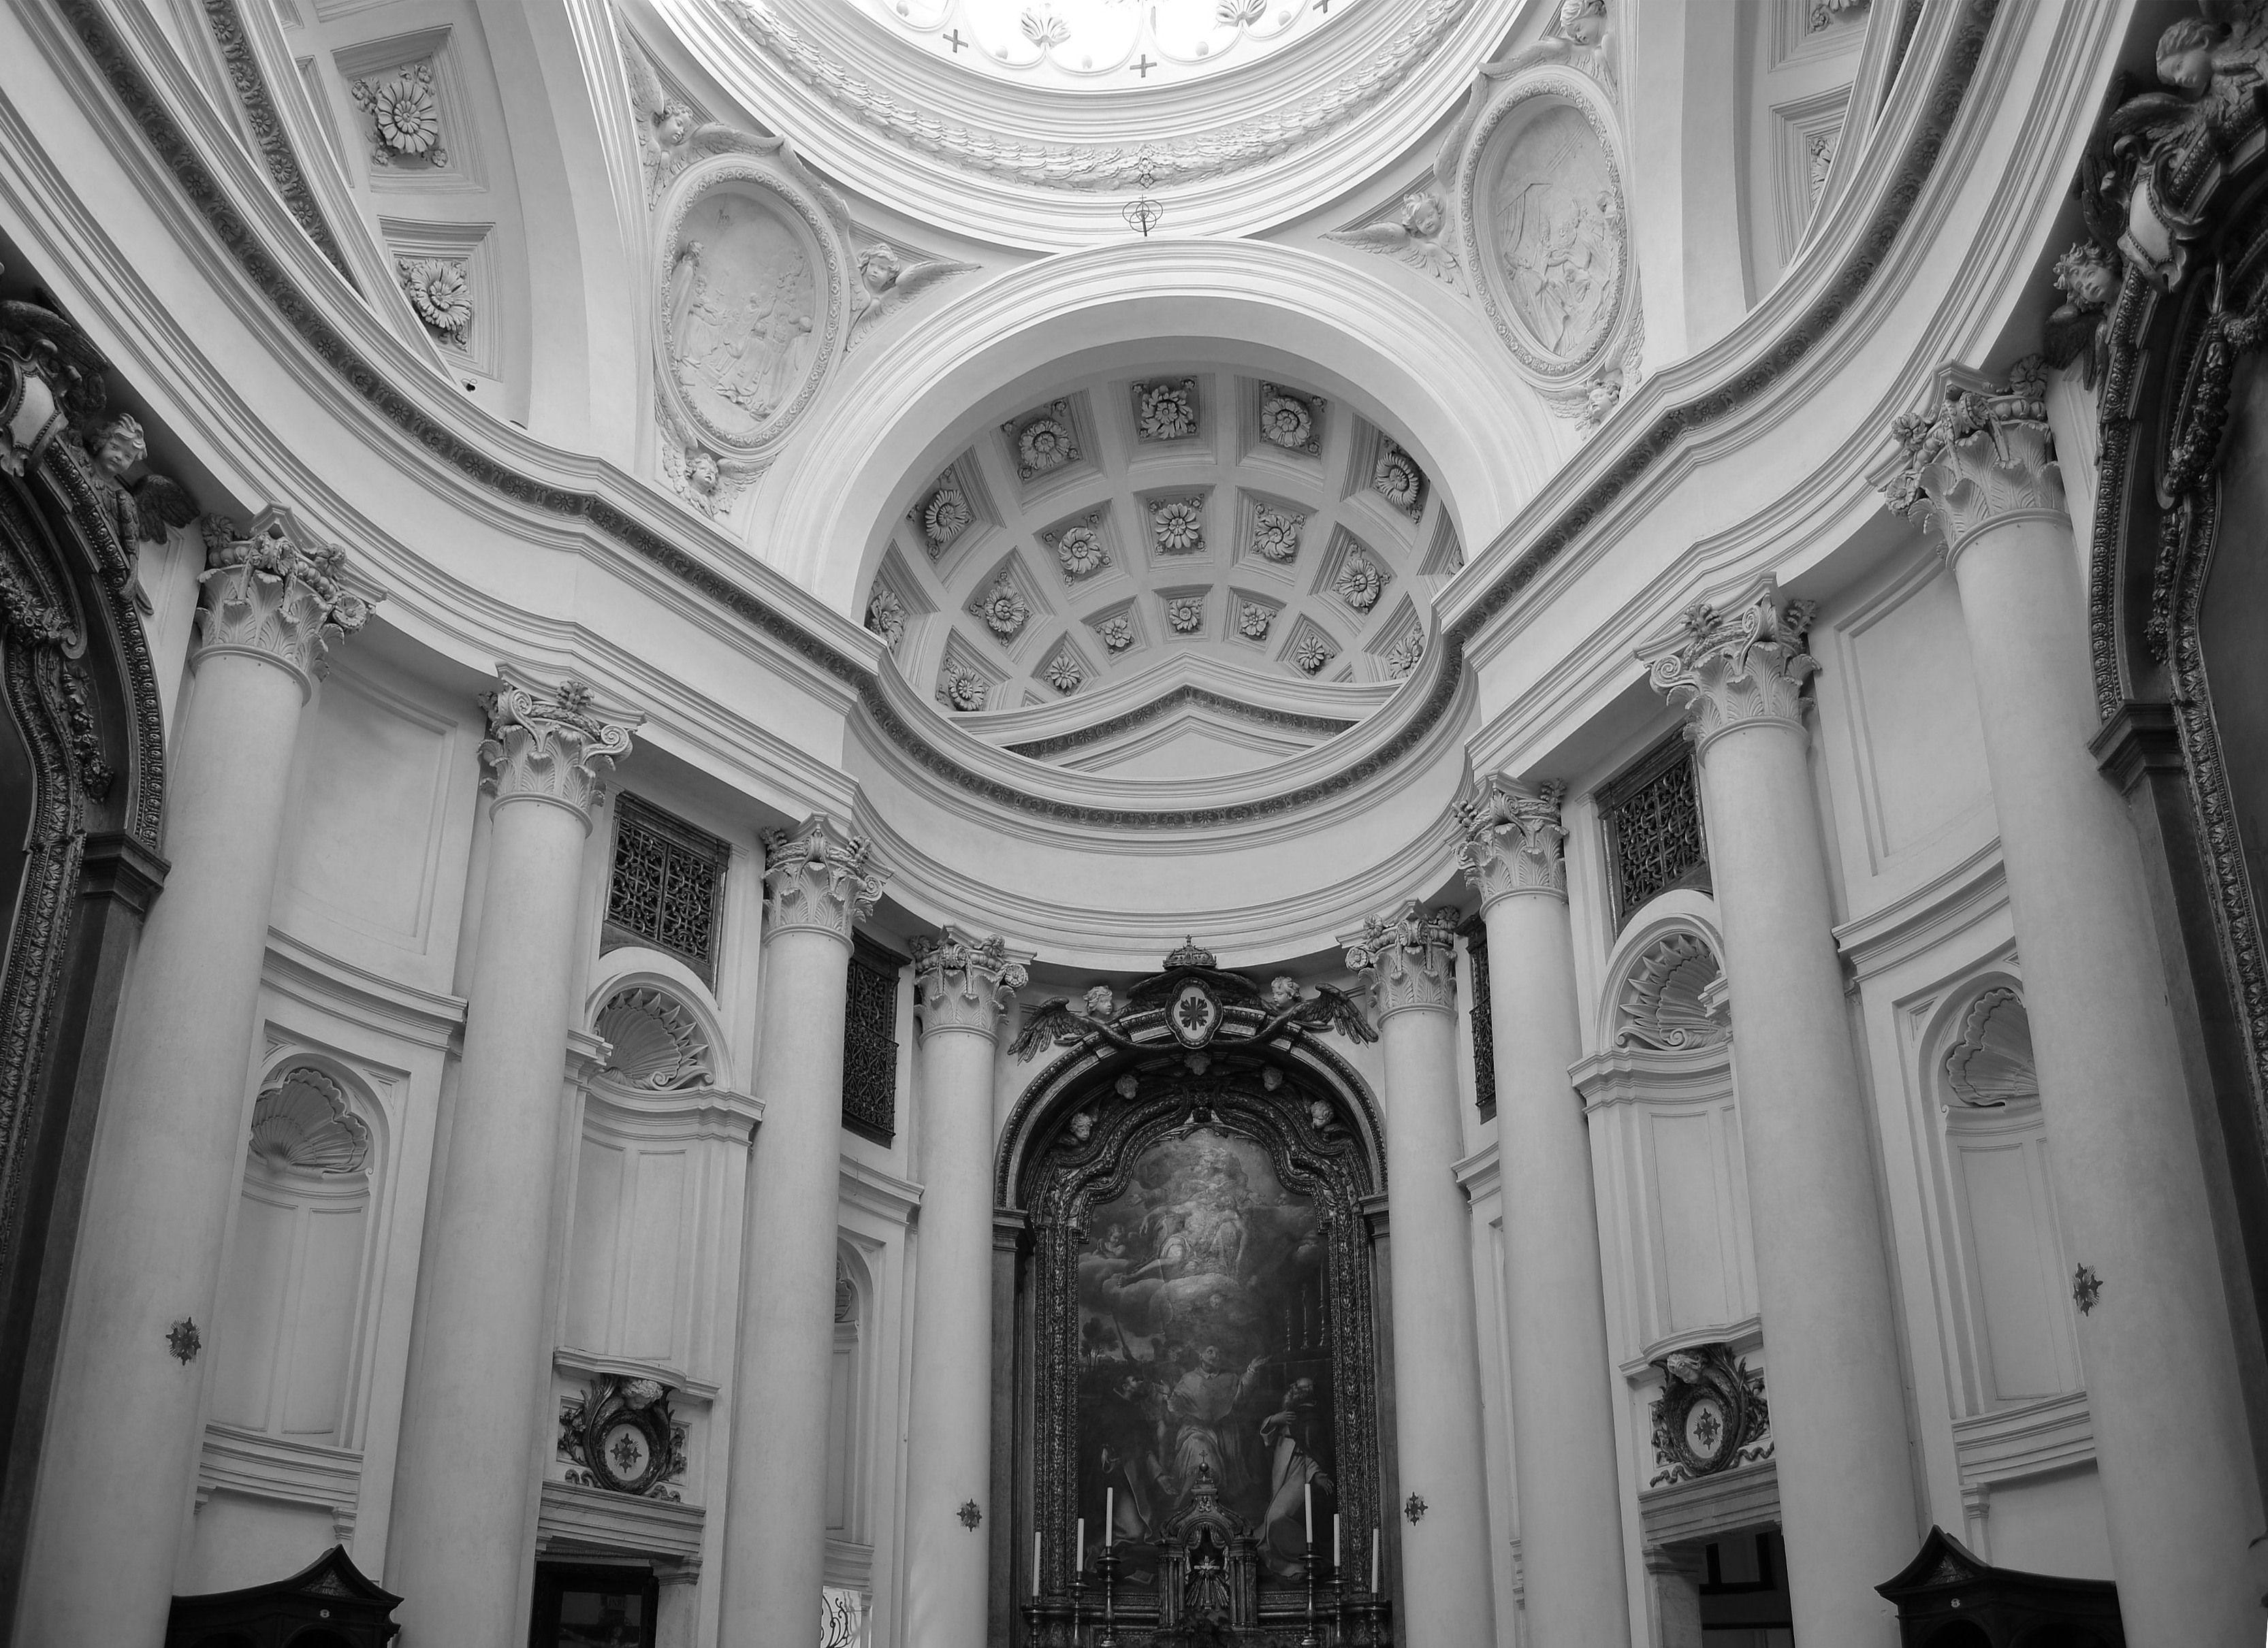 baroque architecture interior - photo #41